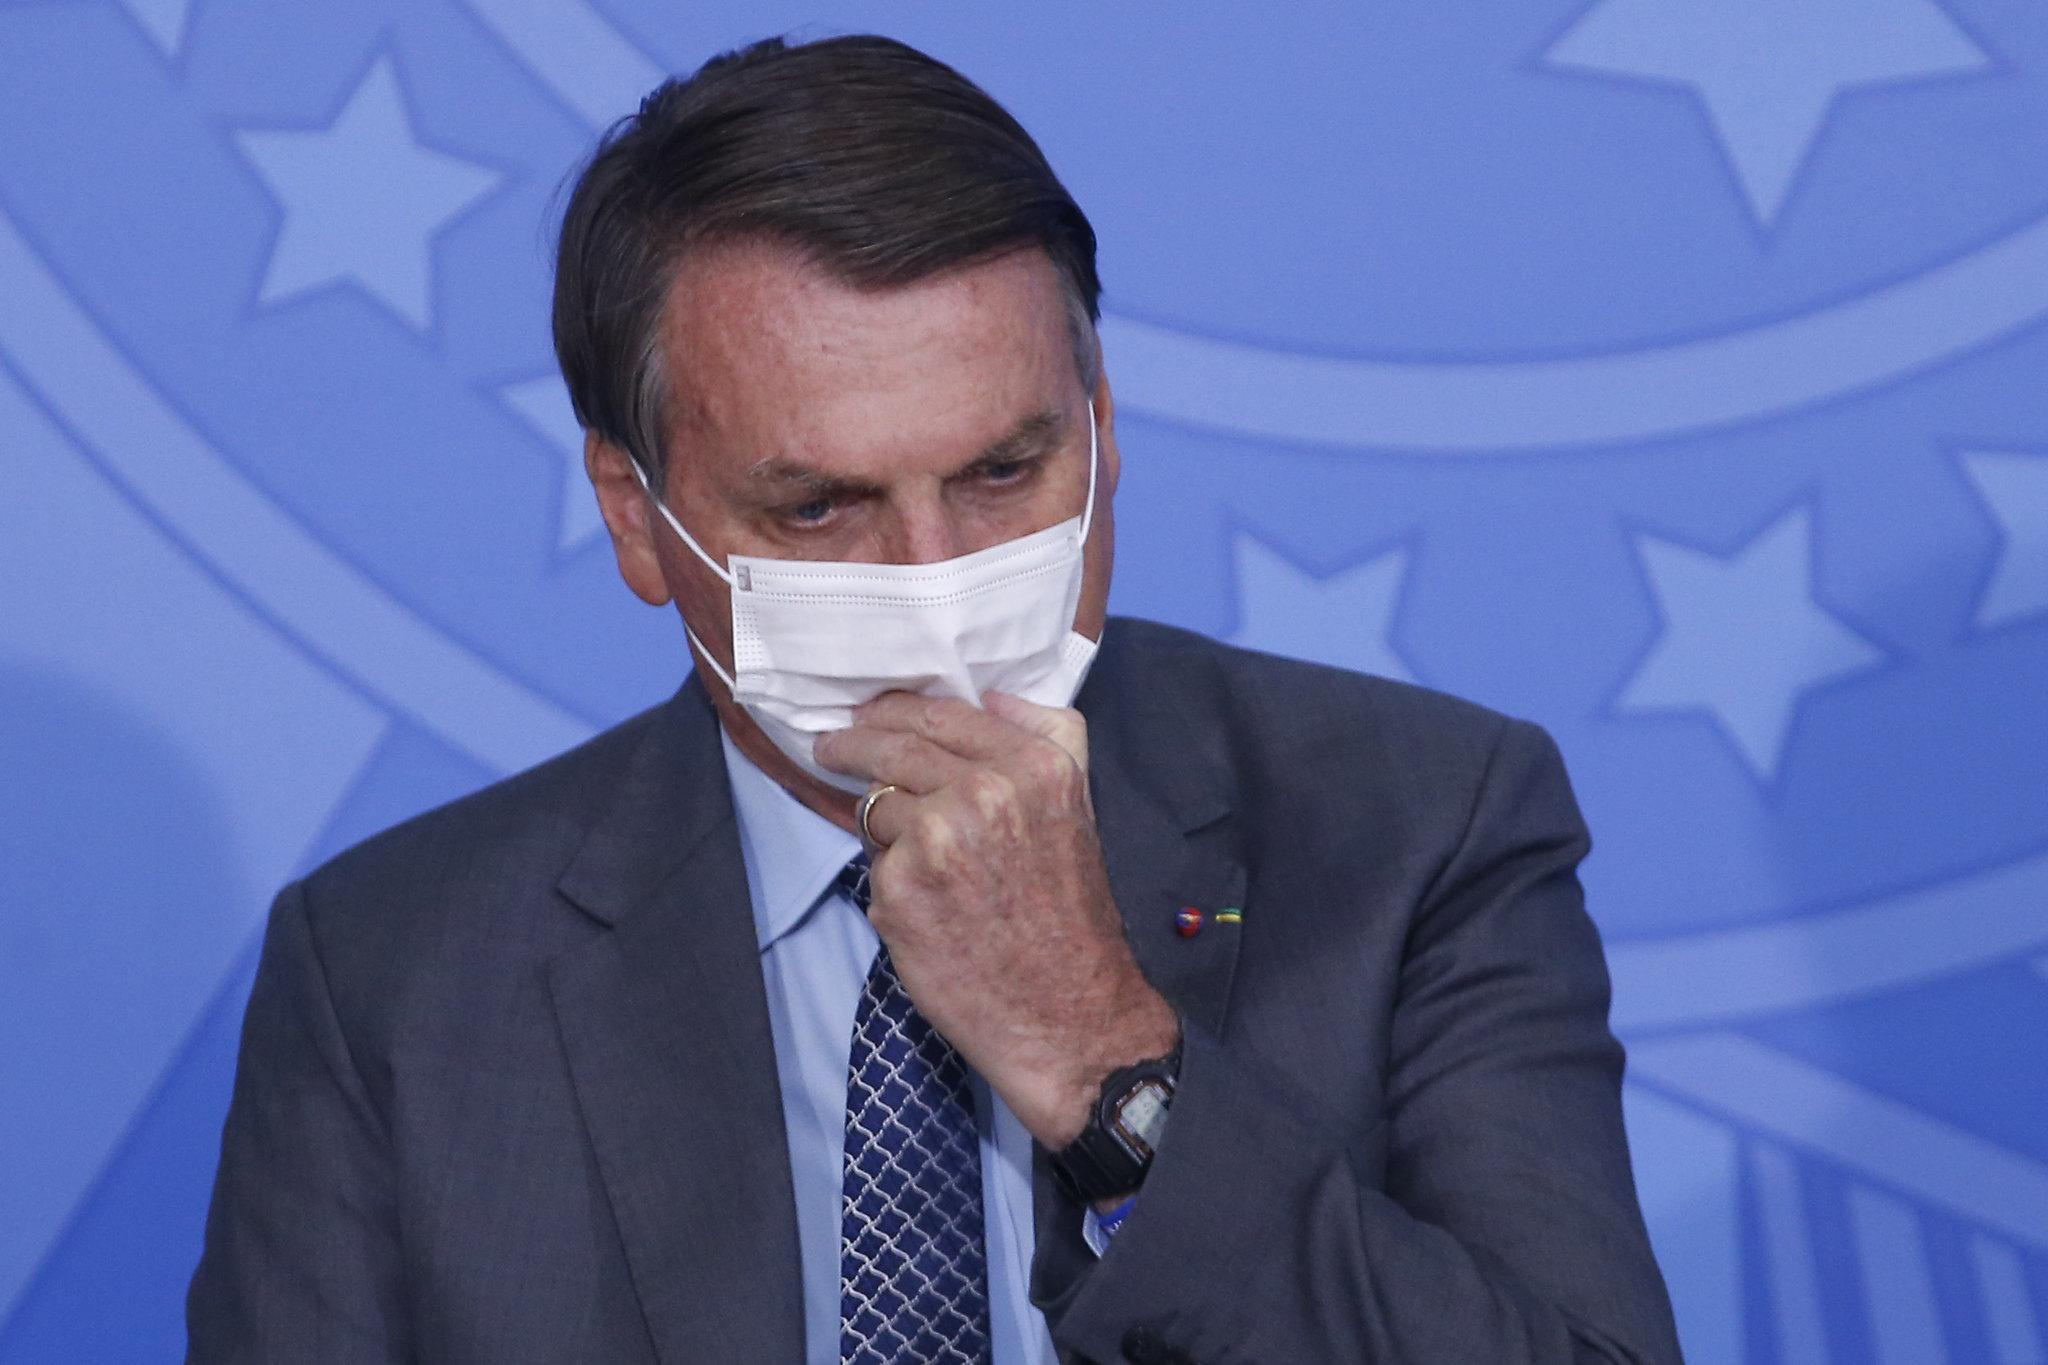 Após ignorar e-mails da Pfizer, Bolsonaro pede antecipação de doses